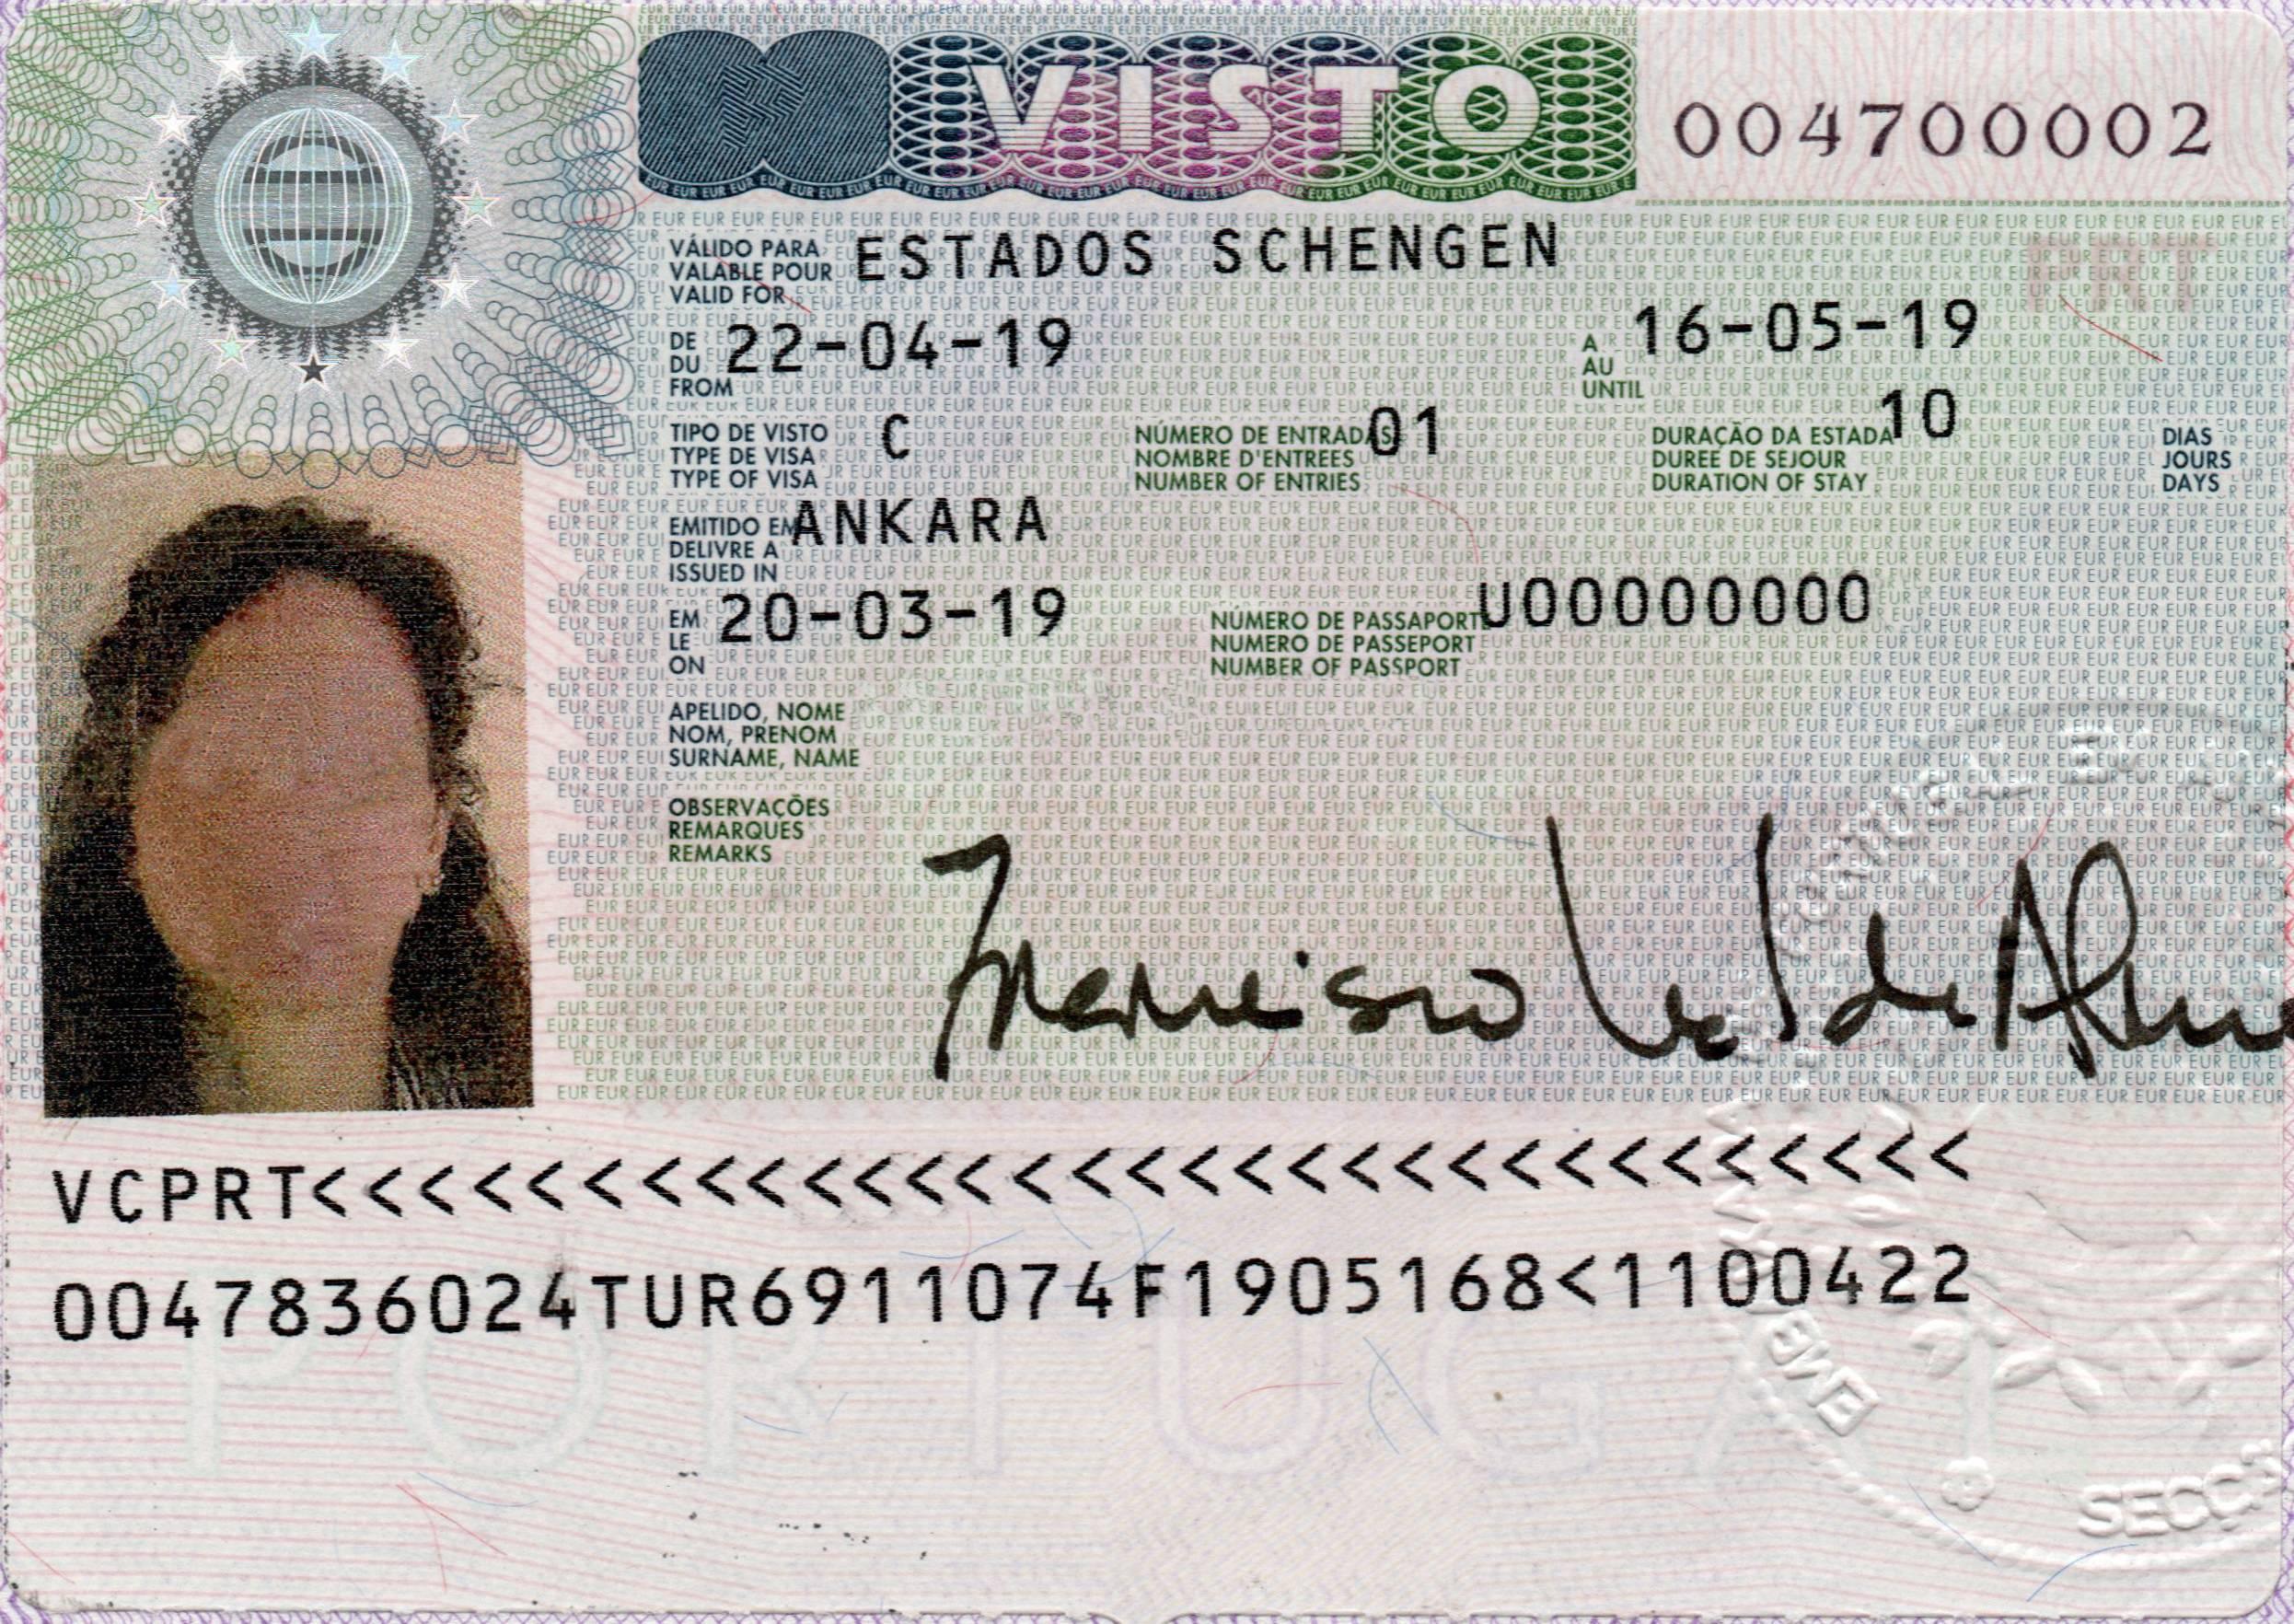 Германия: кому дадут национальную визу d в  2021  году